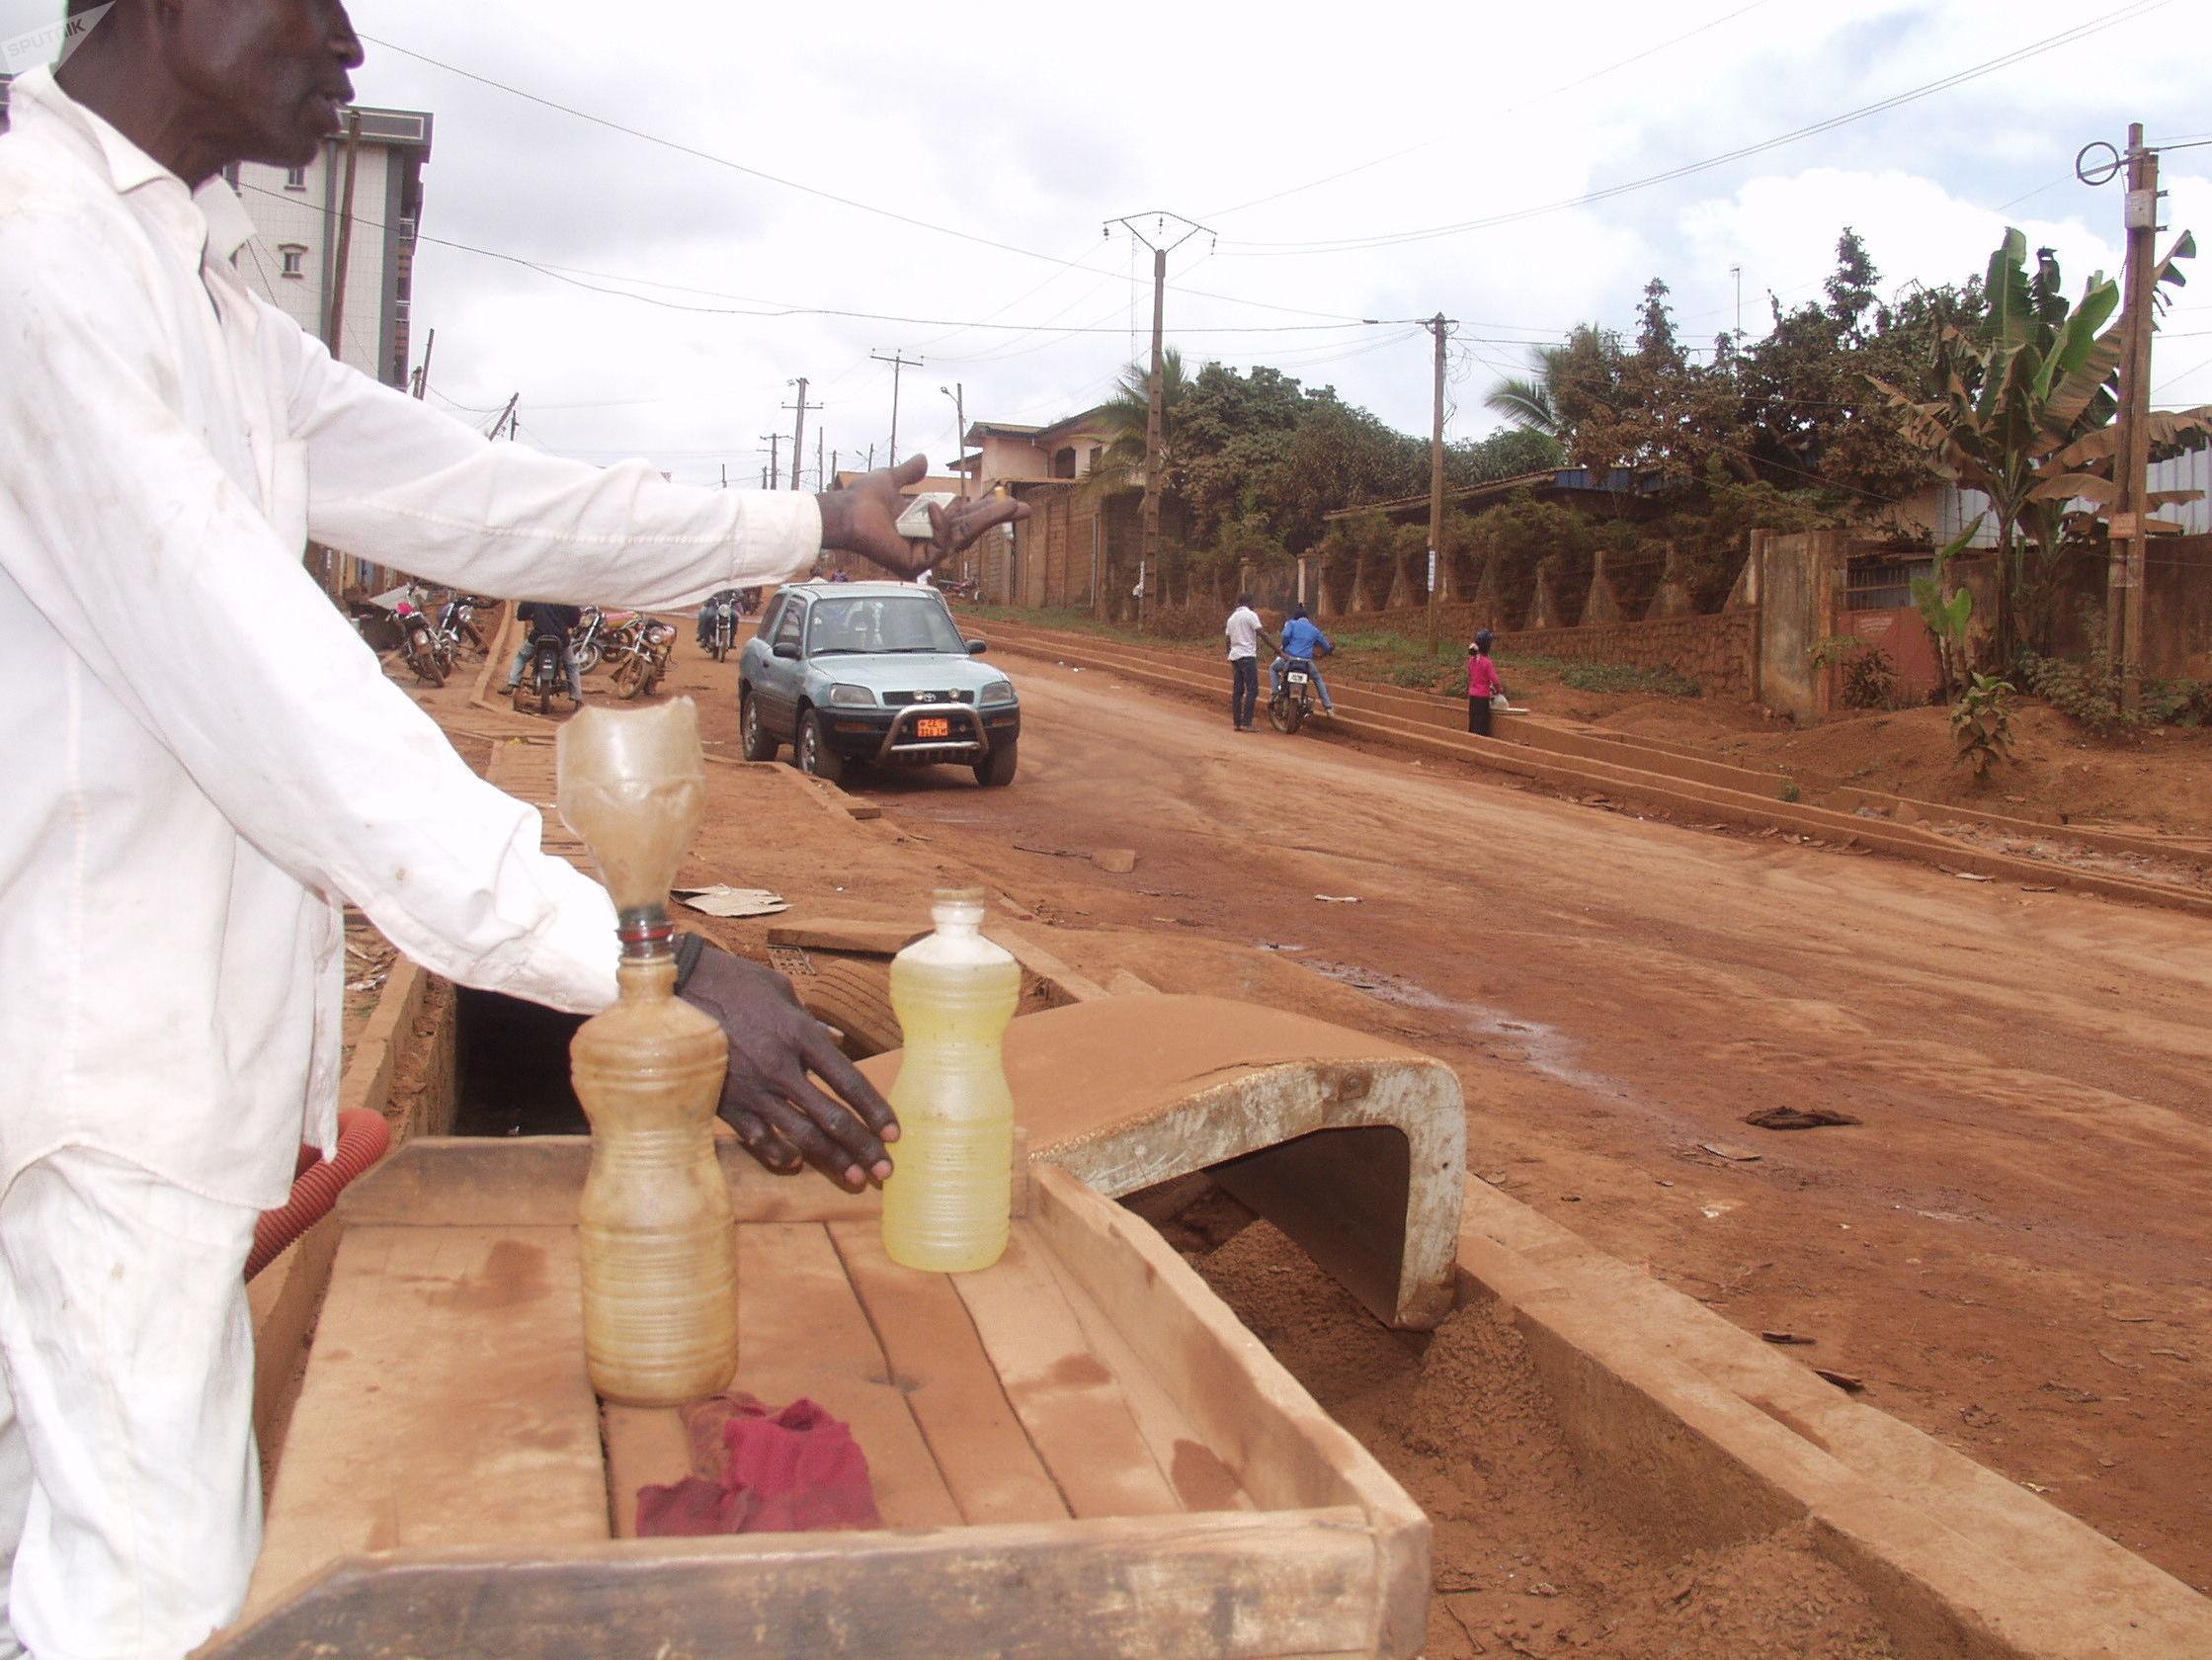 Aliou, vendeur illicite de carburant au quartier Etoudi à Yaoundé